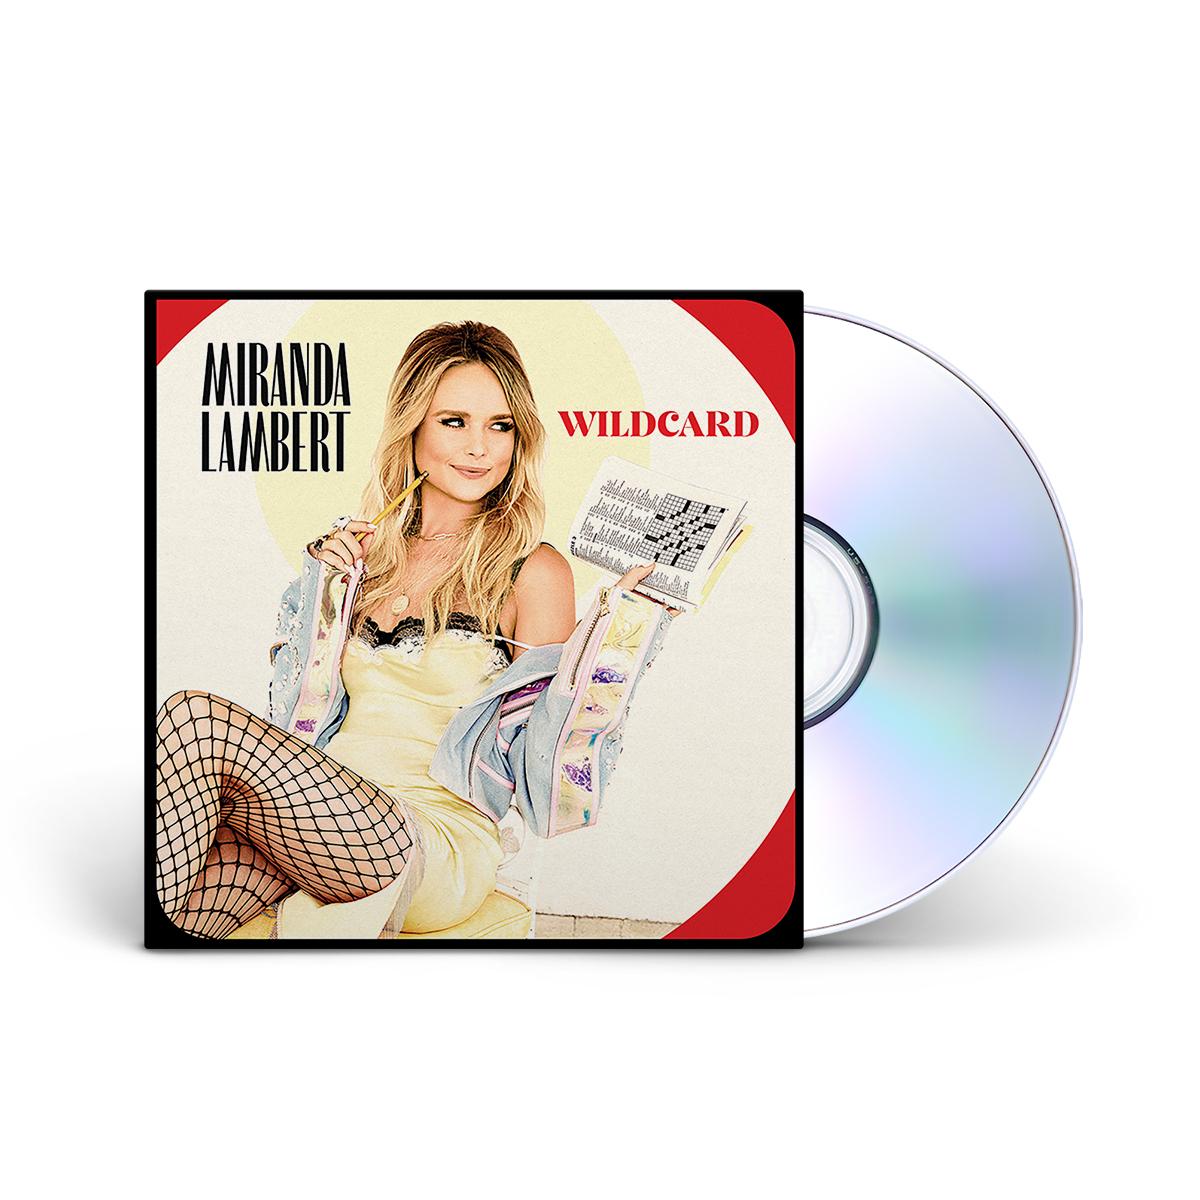 Miranda Lambert - Wildcard CD